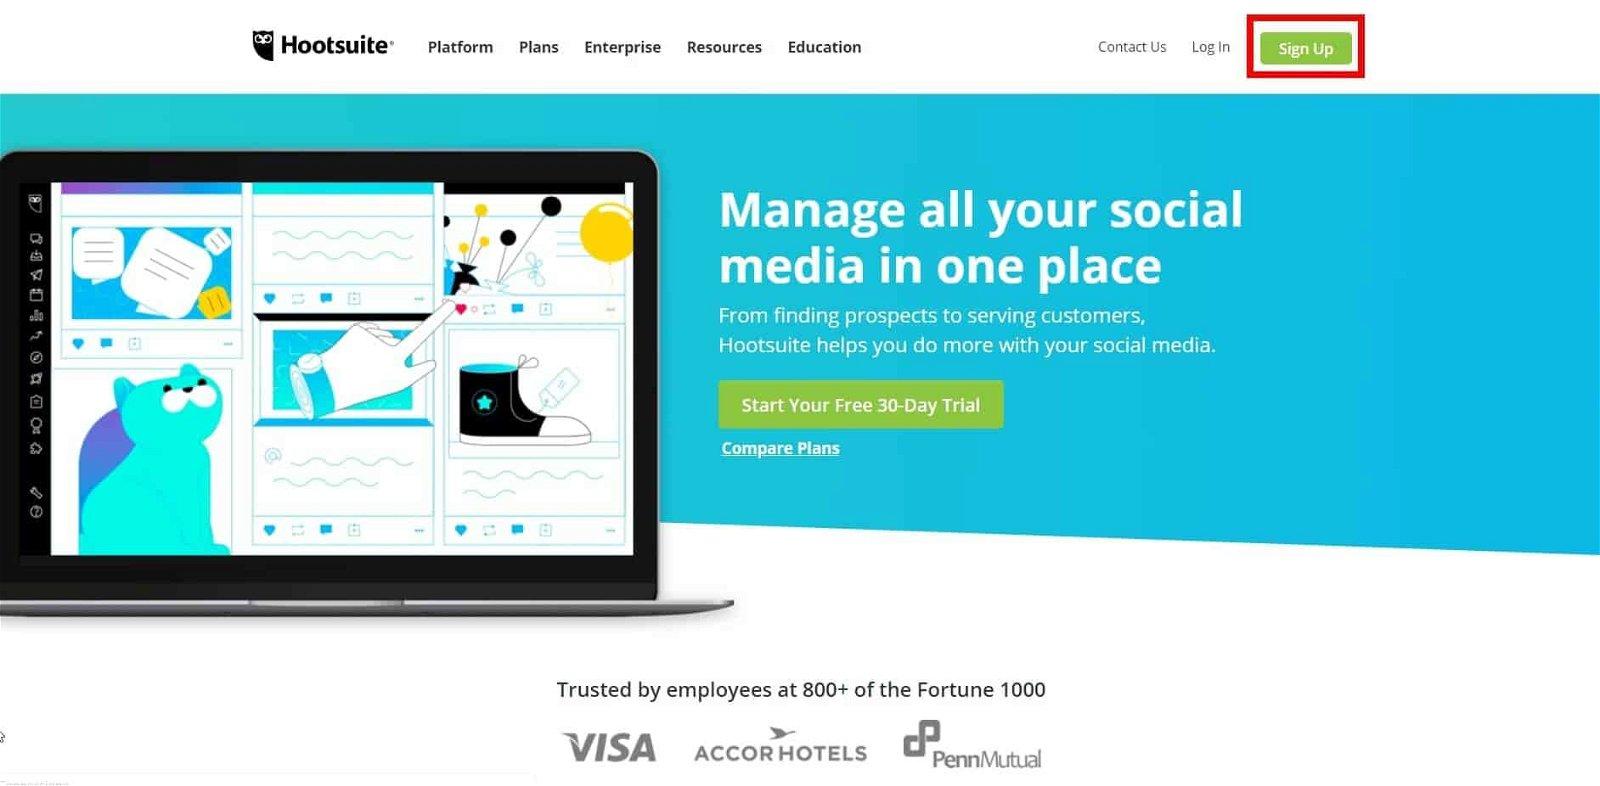 Recensione Hootsuite - La Suite giusta per Il Social Media Marketing? 1